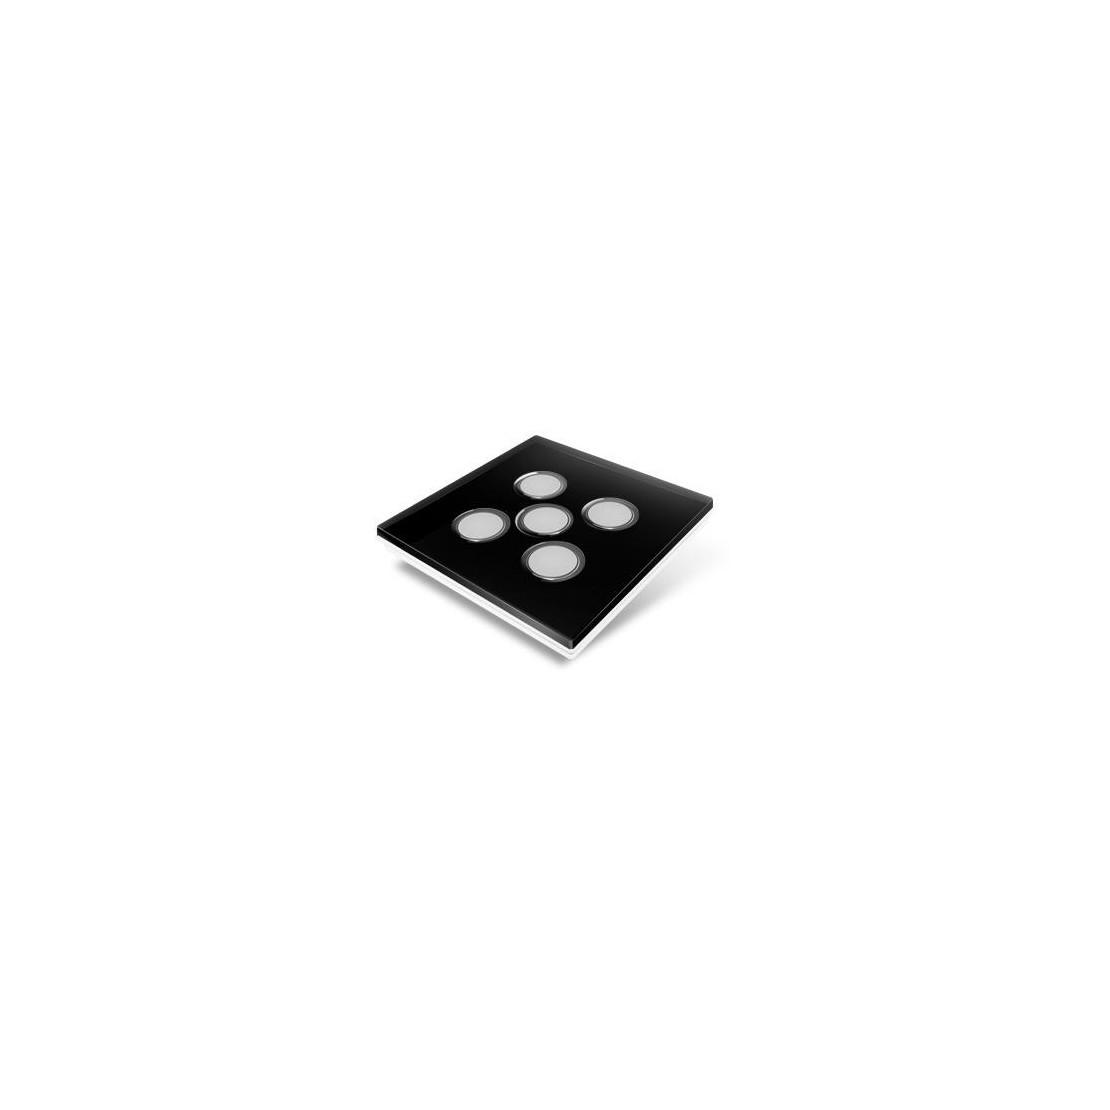 Cubierta para interruptor Edisio - plástico negro